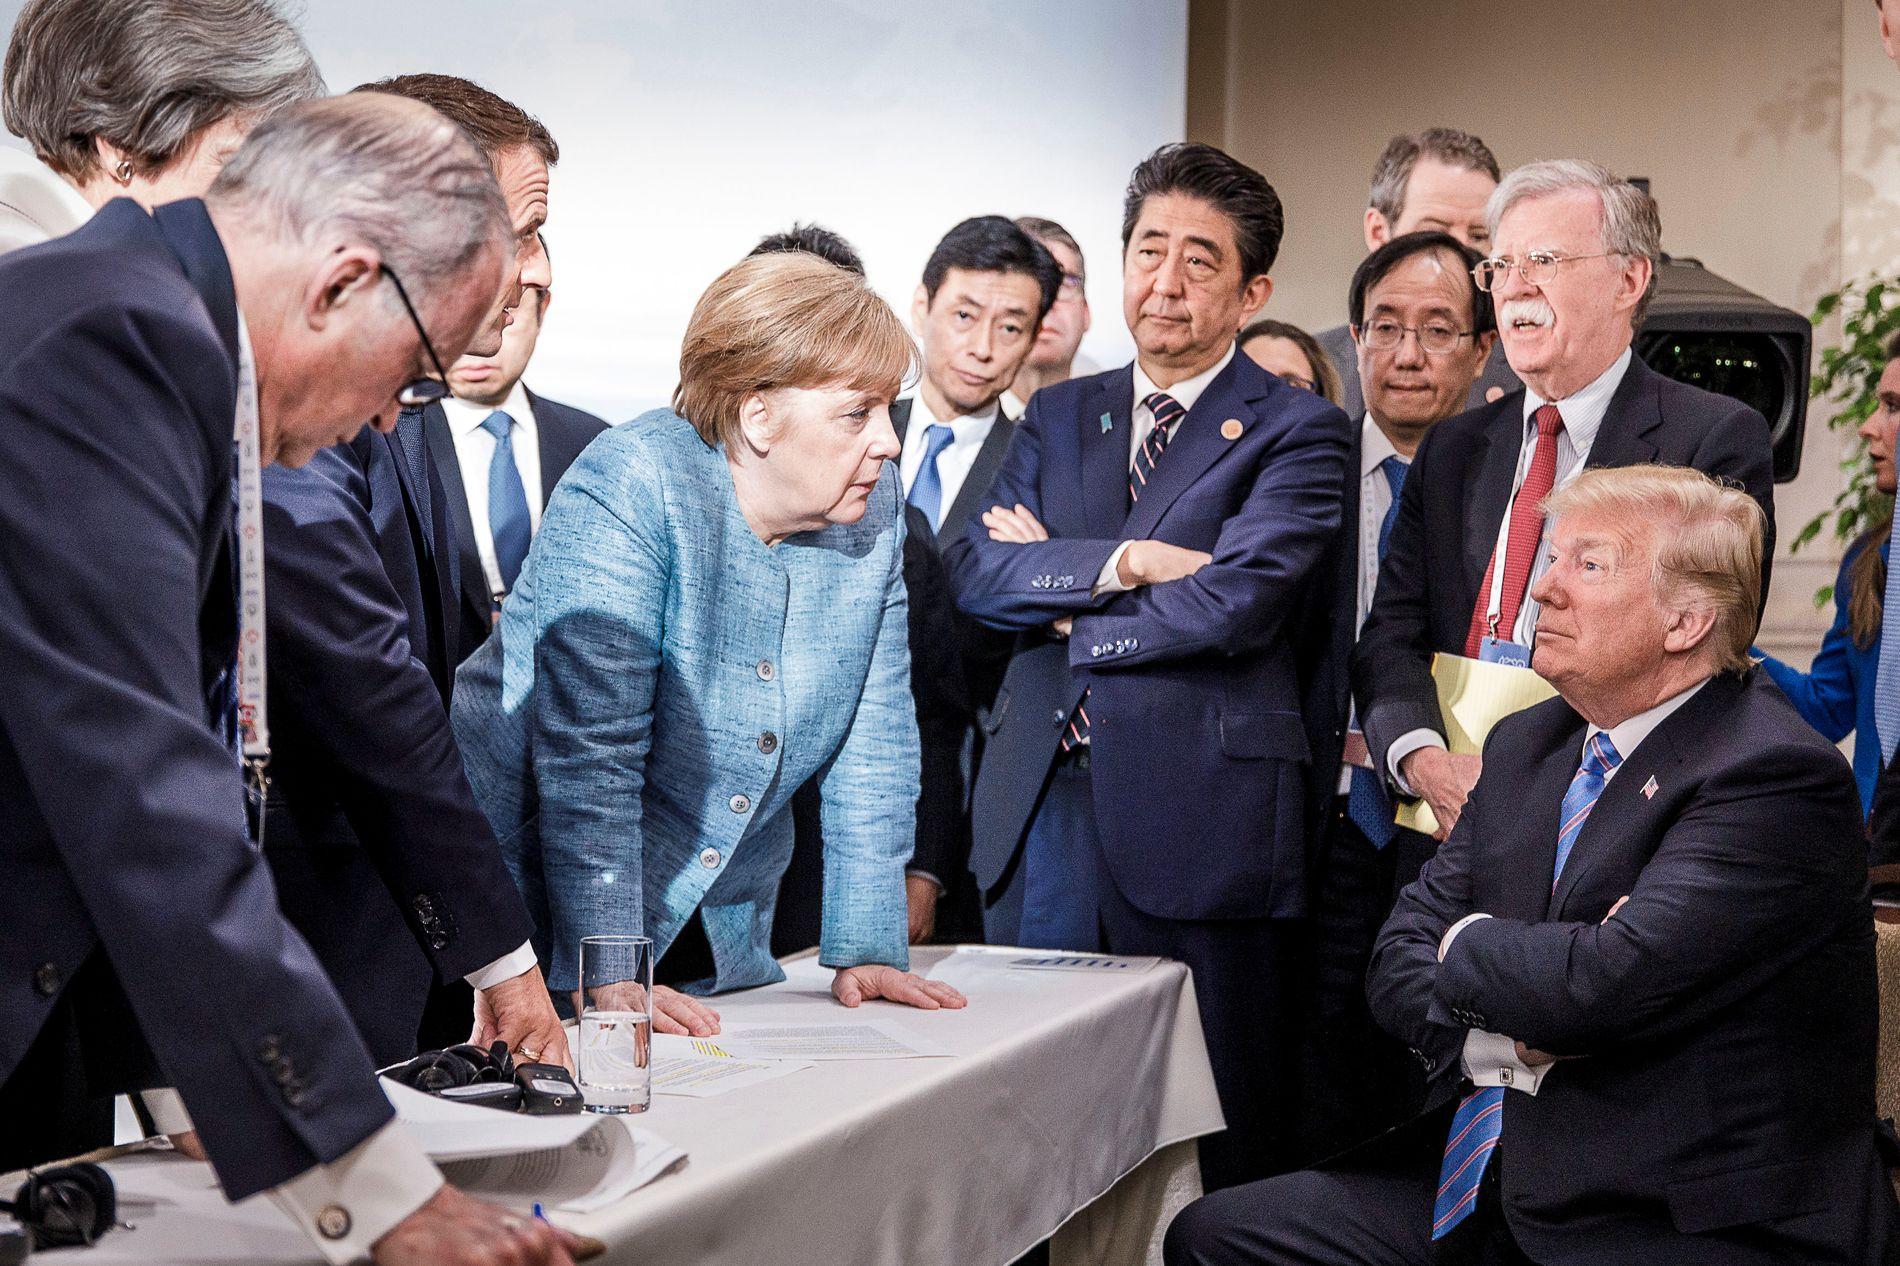 VIRALT: Bildet av en tilsynelatende streng Angela Merkel og Trump med henne i kors, har gått verden rundt.